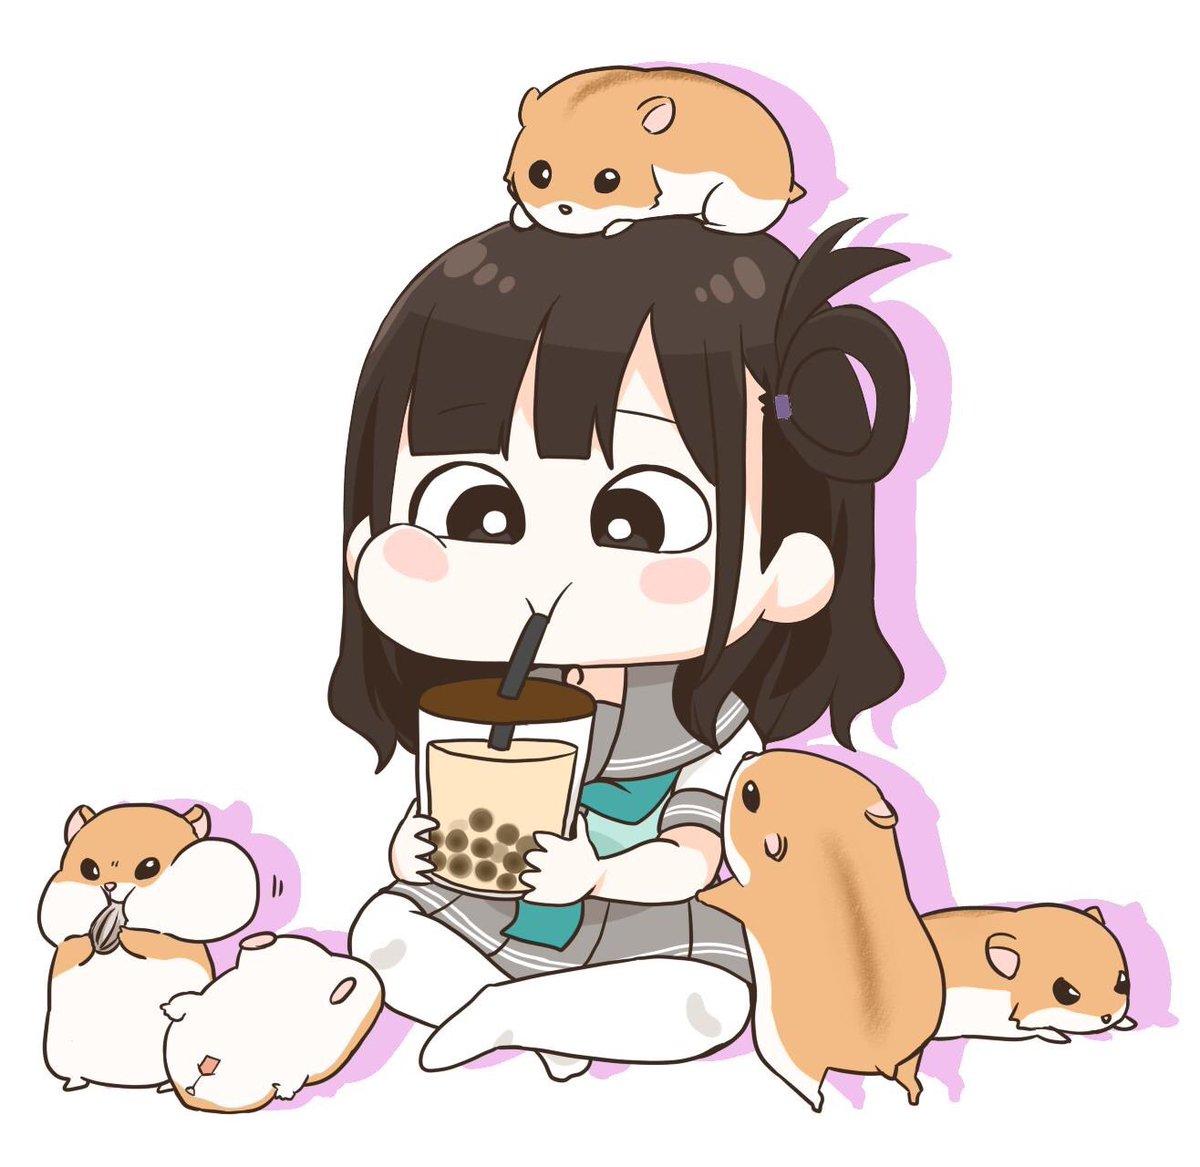 にゃーちゃんを探せ!愛奈ちゃん誕生日おめでとうございます!!✨🎉🎉🎉🎉🎉#鈴木愛奈生誕祭2019